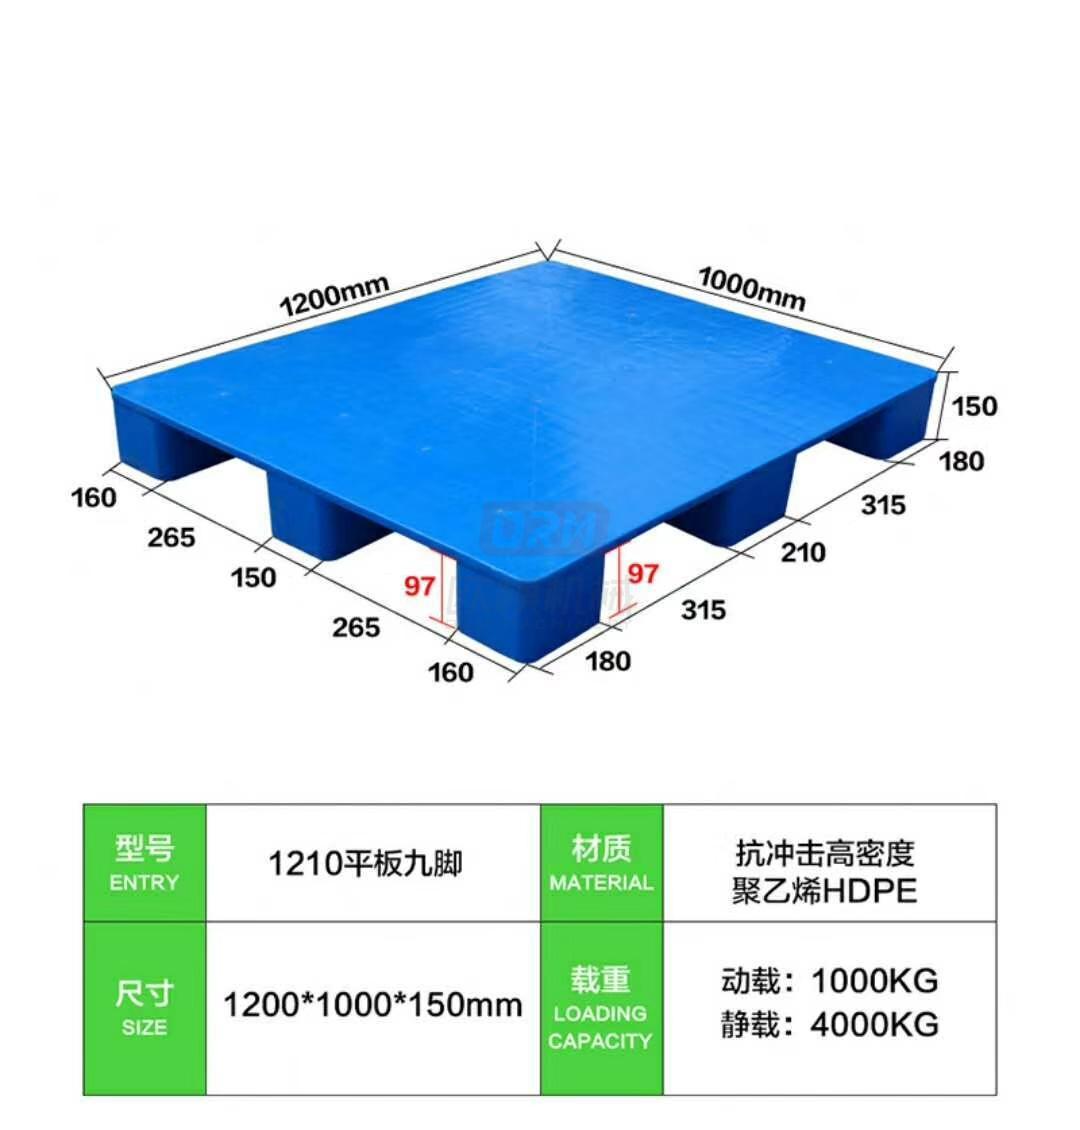 塑料托盘(平板九脚1210)